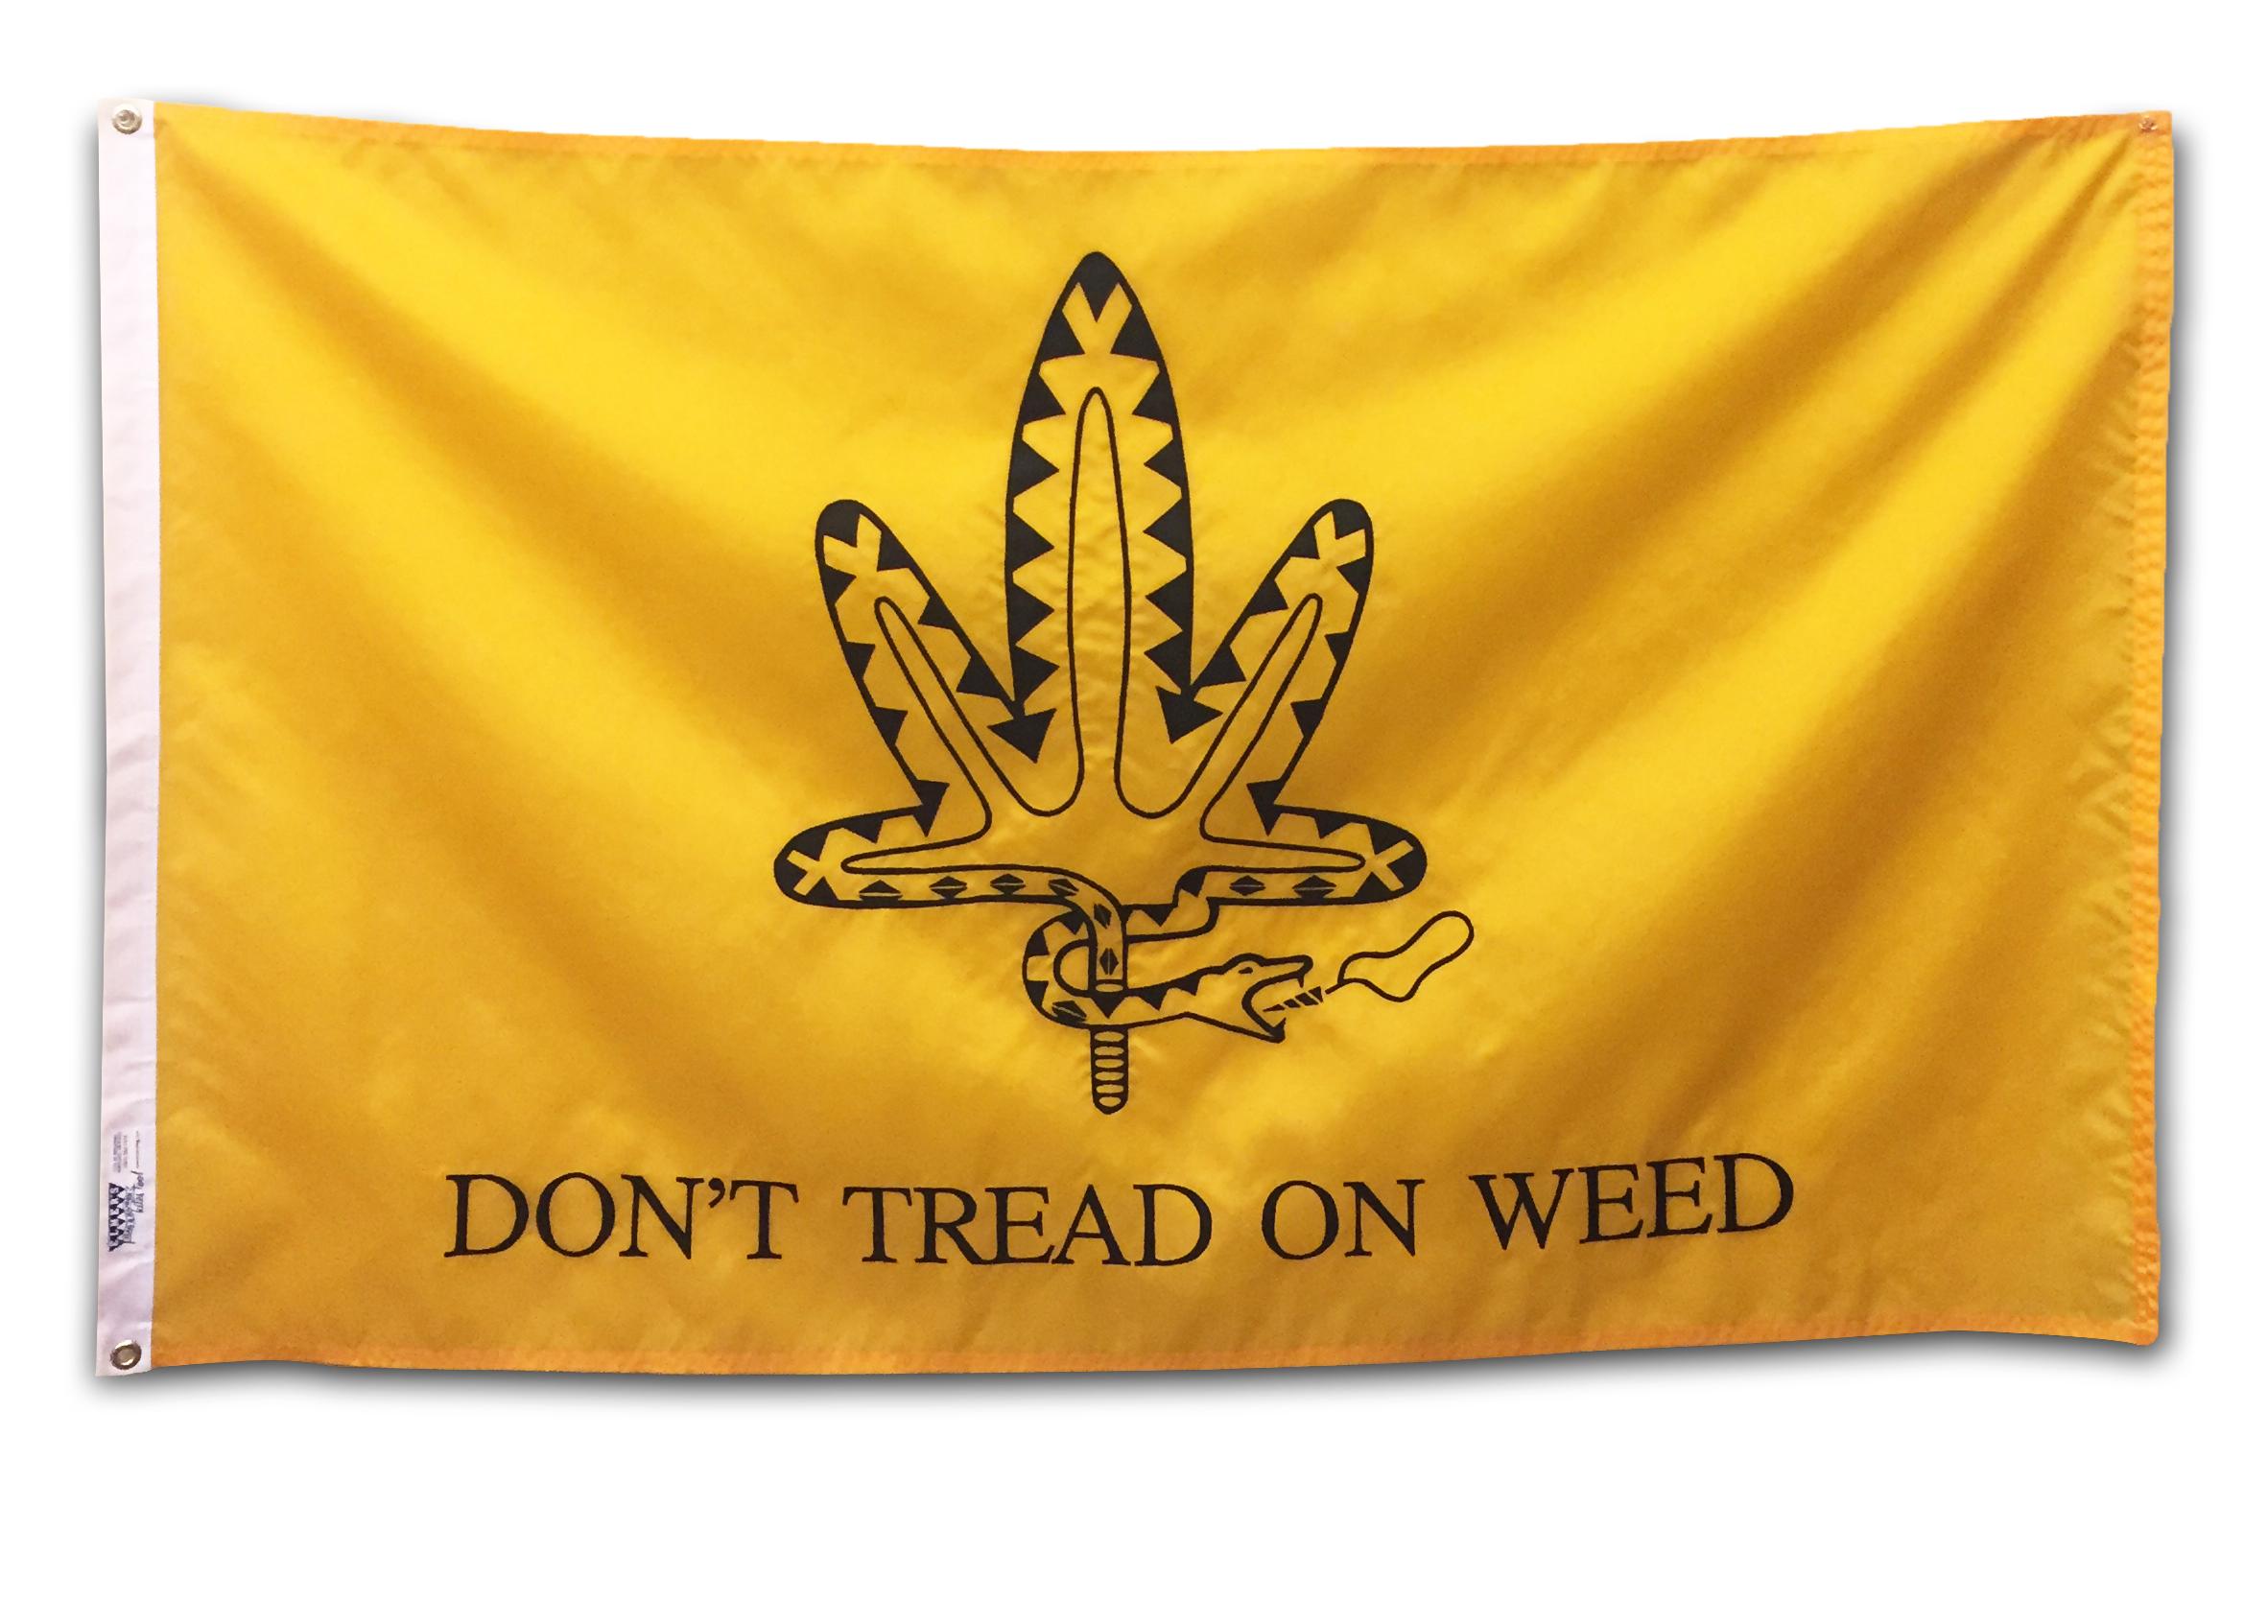 WeedFlag-web.png